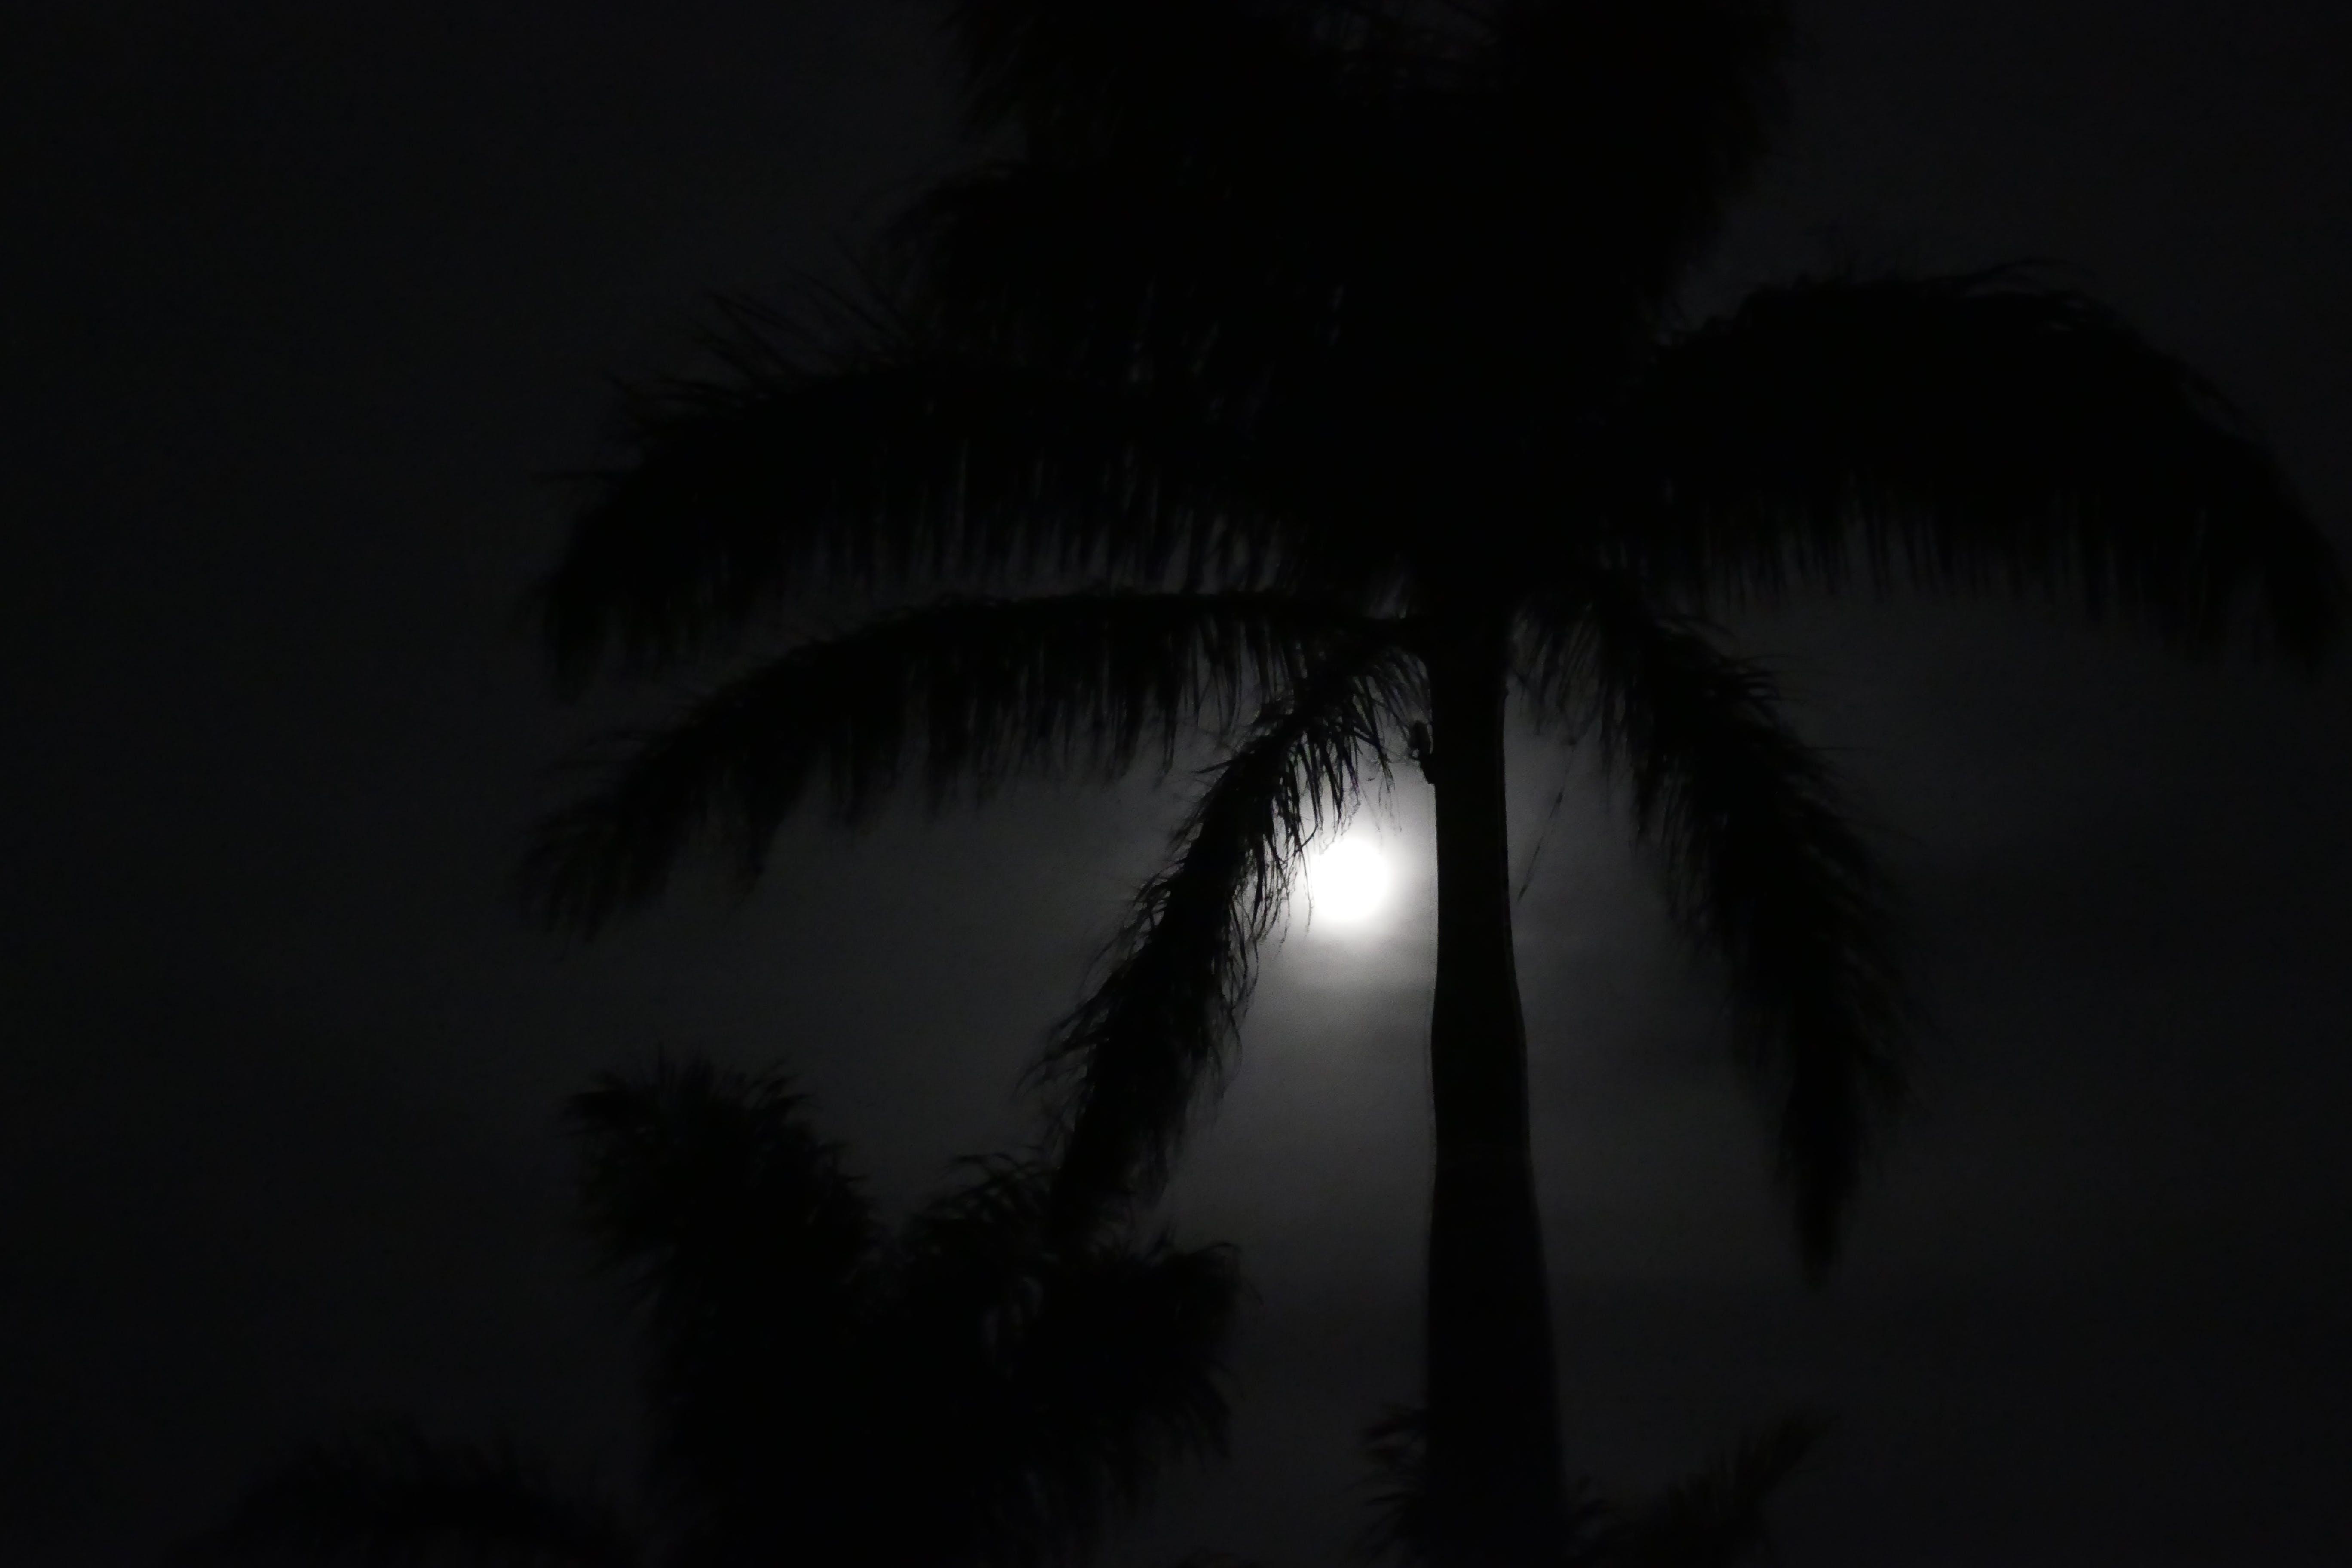 ヤシの木, 夜, 月の無料の写真素材